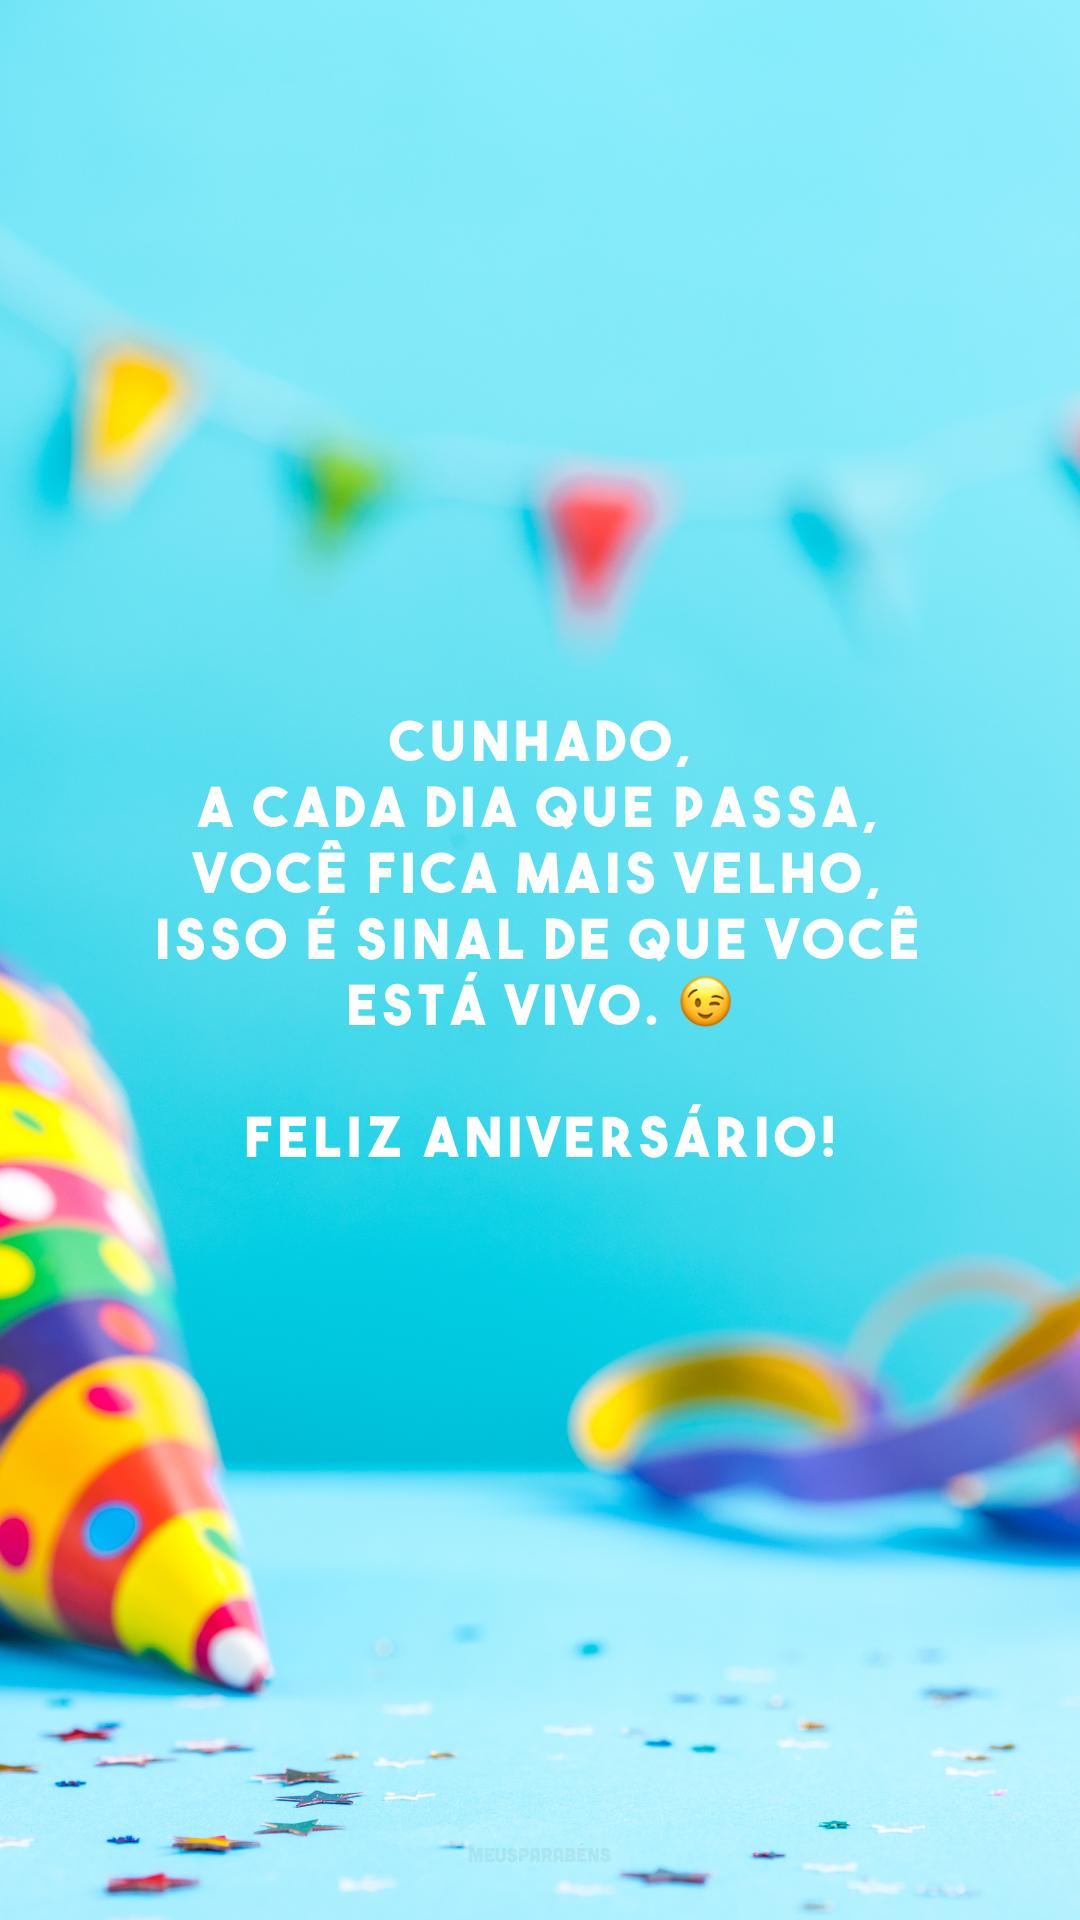 Cunhado, a cada dia que passa, você fica mais velho, isso é sinal de que você está vivo. 😉 Feliz aniversário!